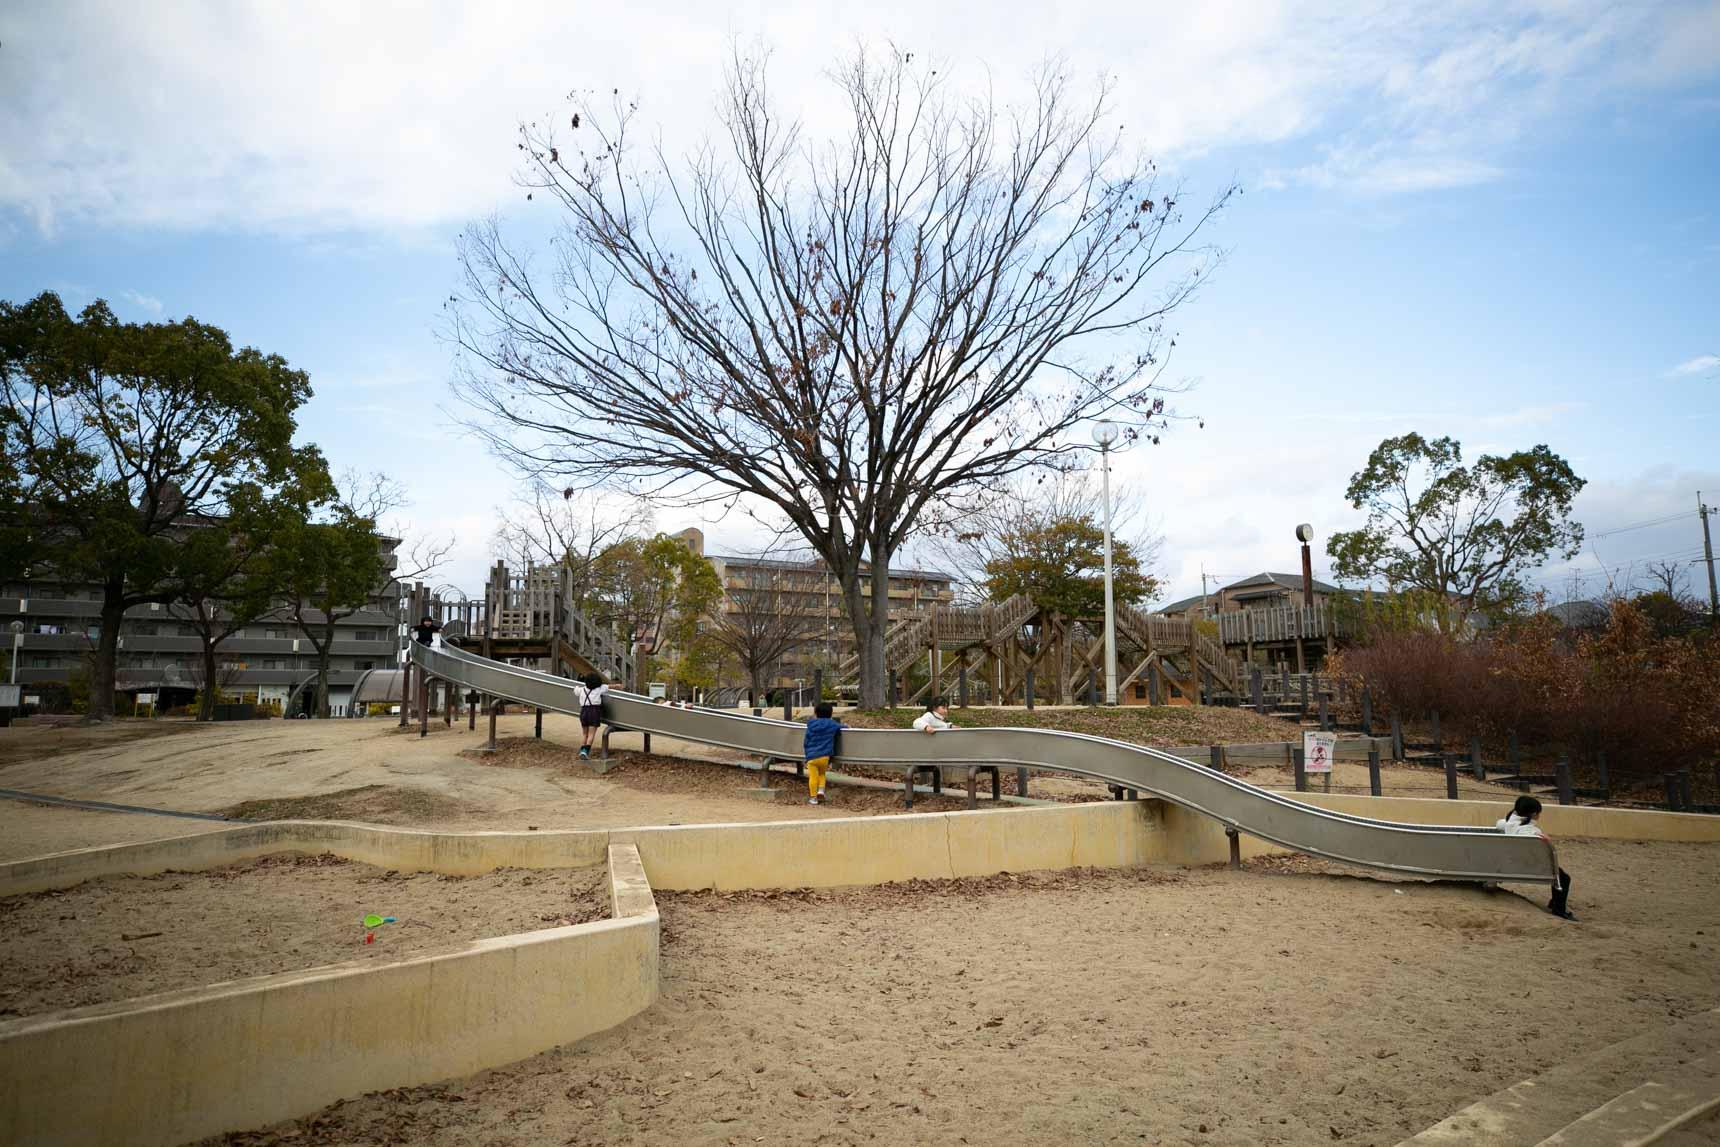 大きな公園もありました。小さなお子さんたちが元気よく遊んでいて、このエリアがファミリー世帯によく選ばれていることが伺えます。